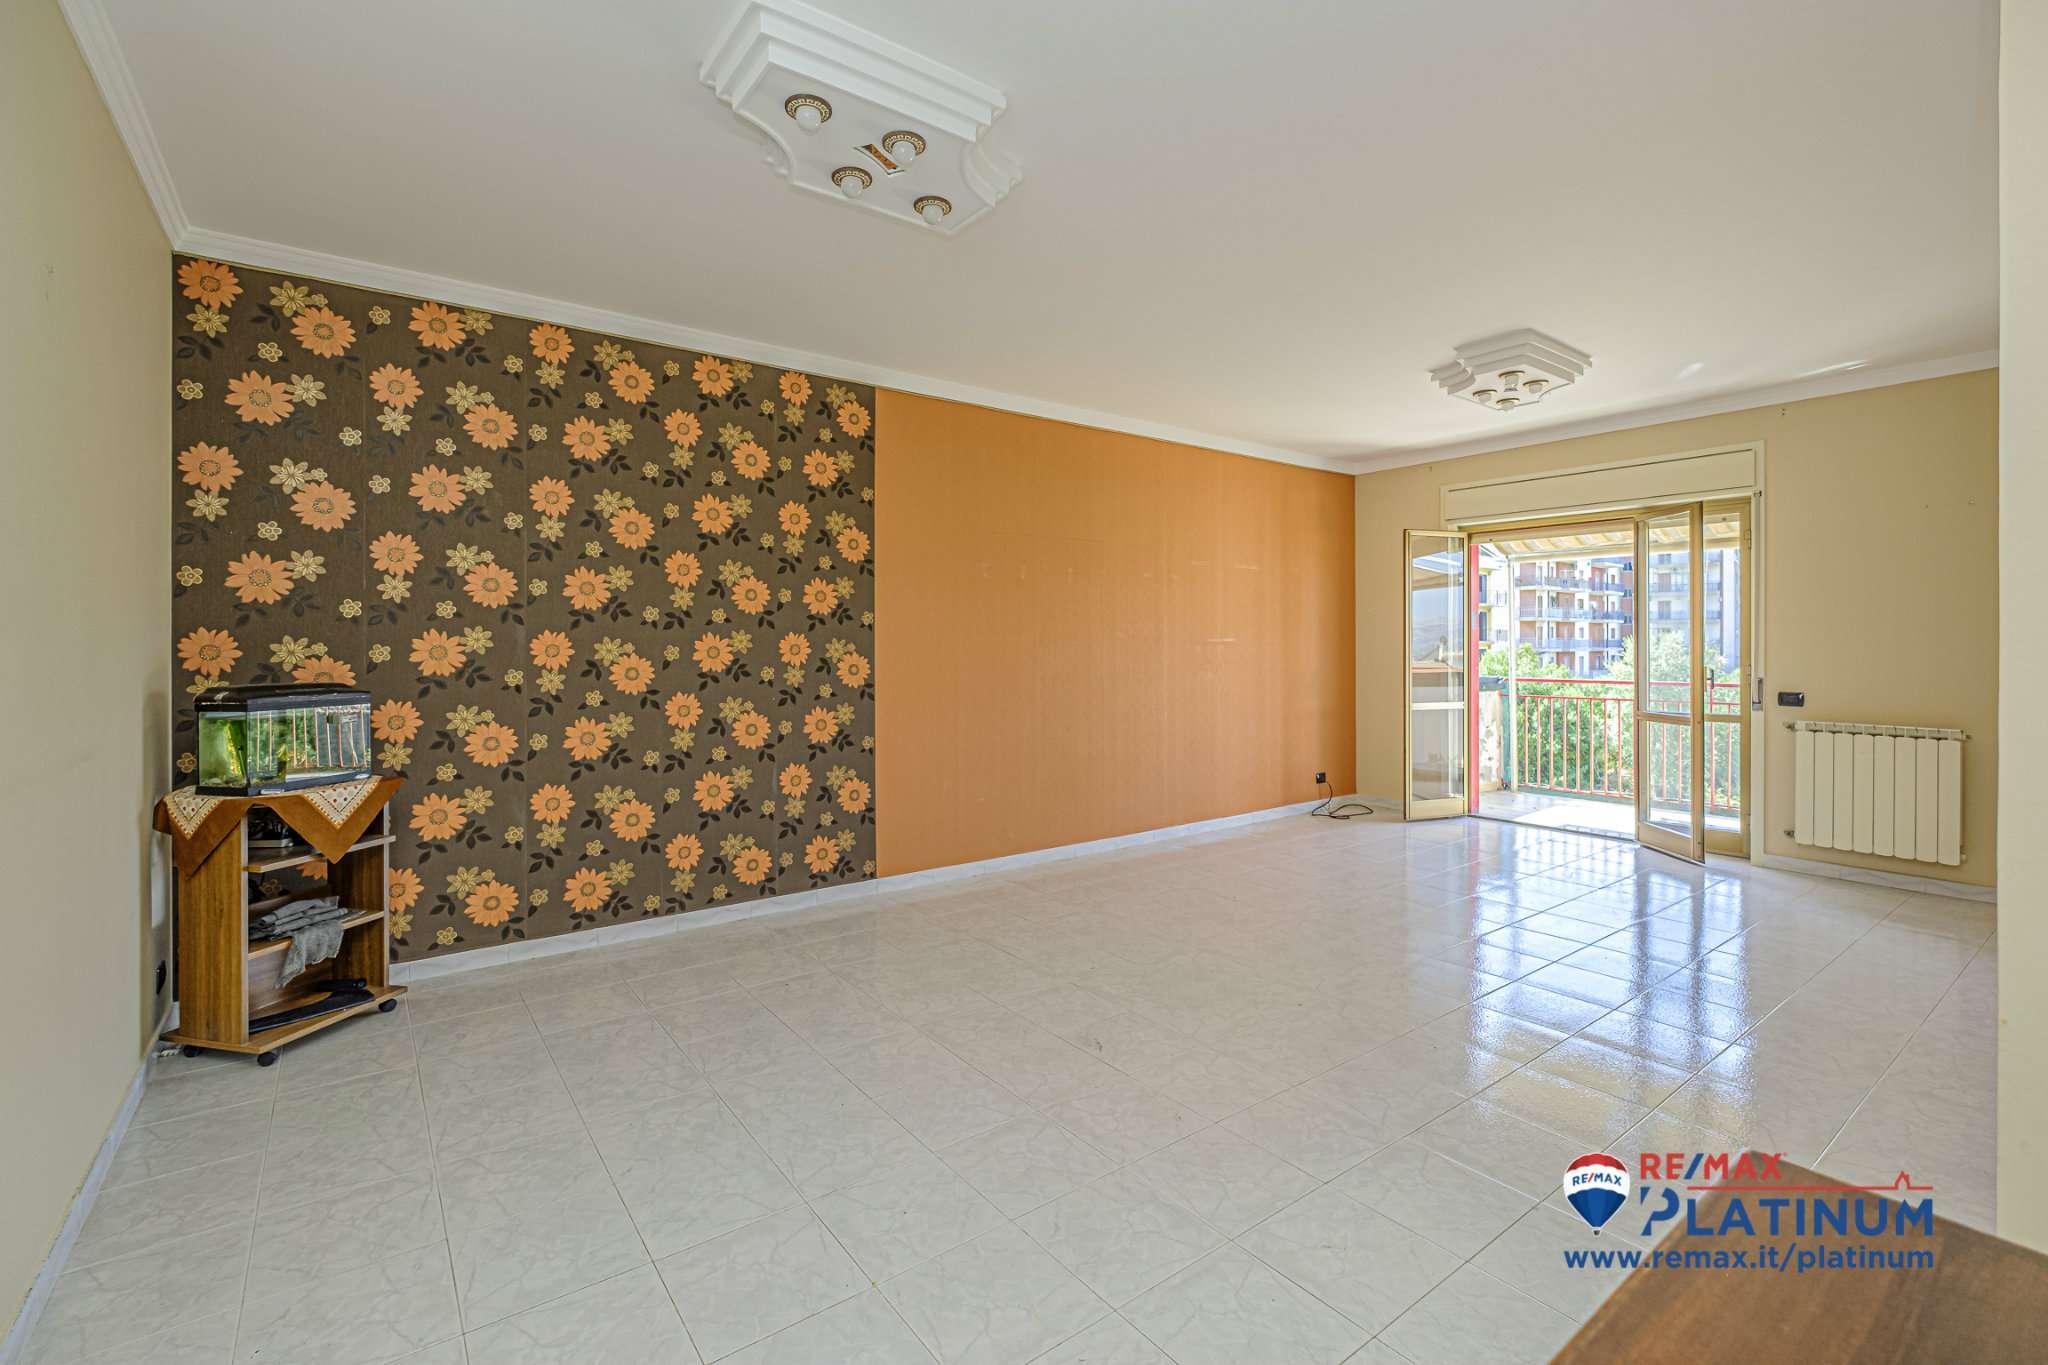 Appartamento in vendita a Carlentini, 5 locali, prezzo € 122.000 | PortaleAgenzieImmobiliari.it